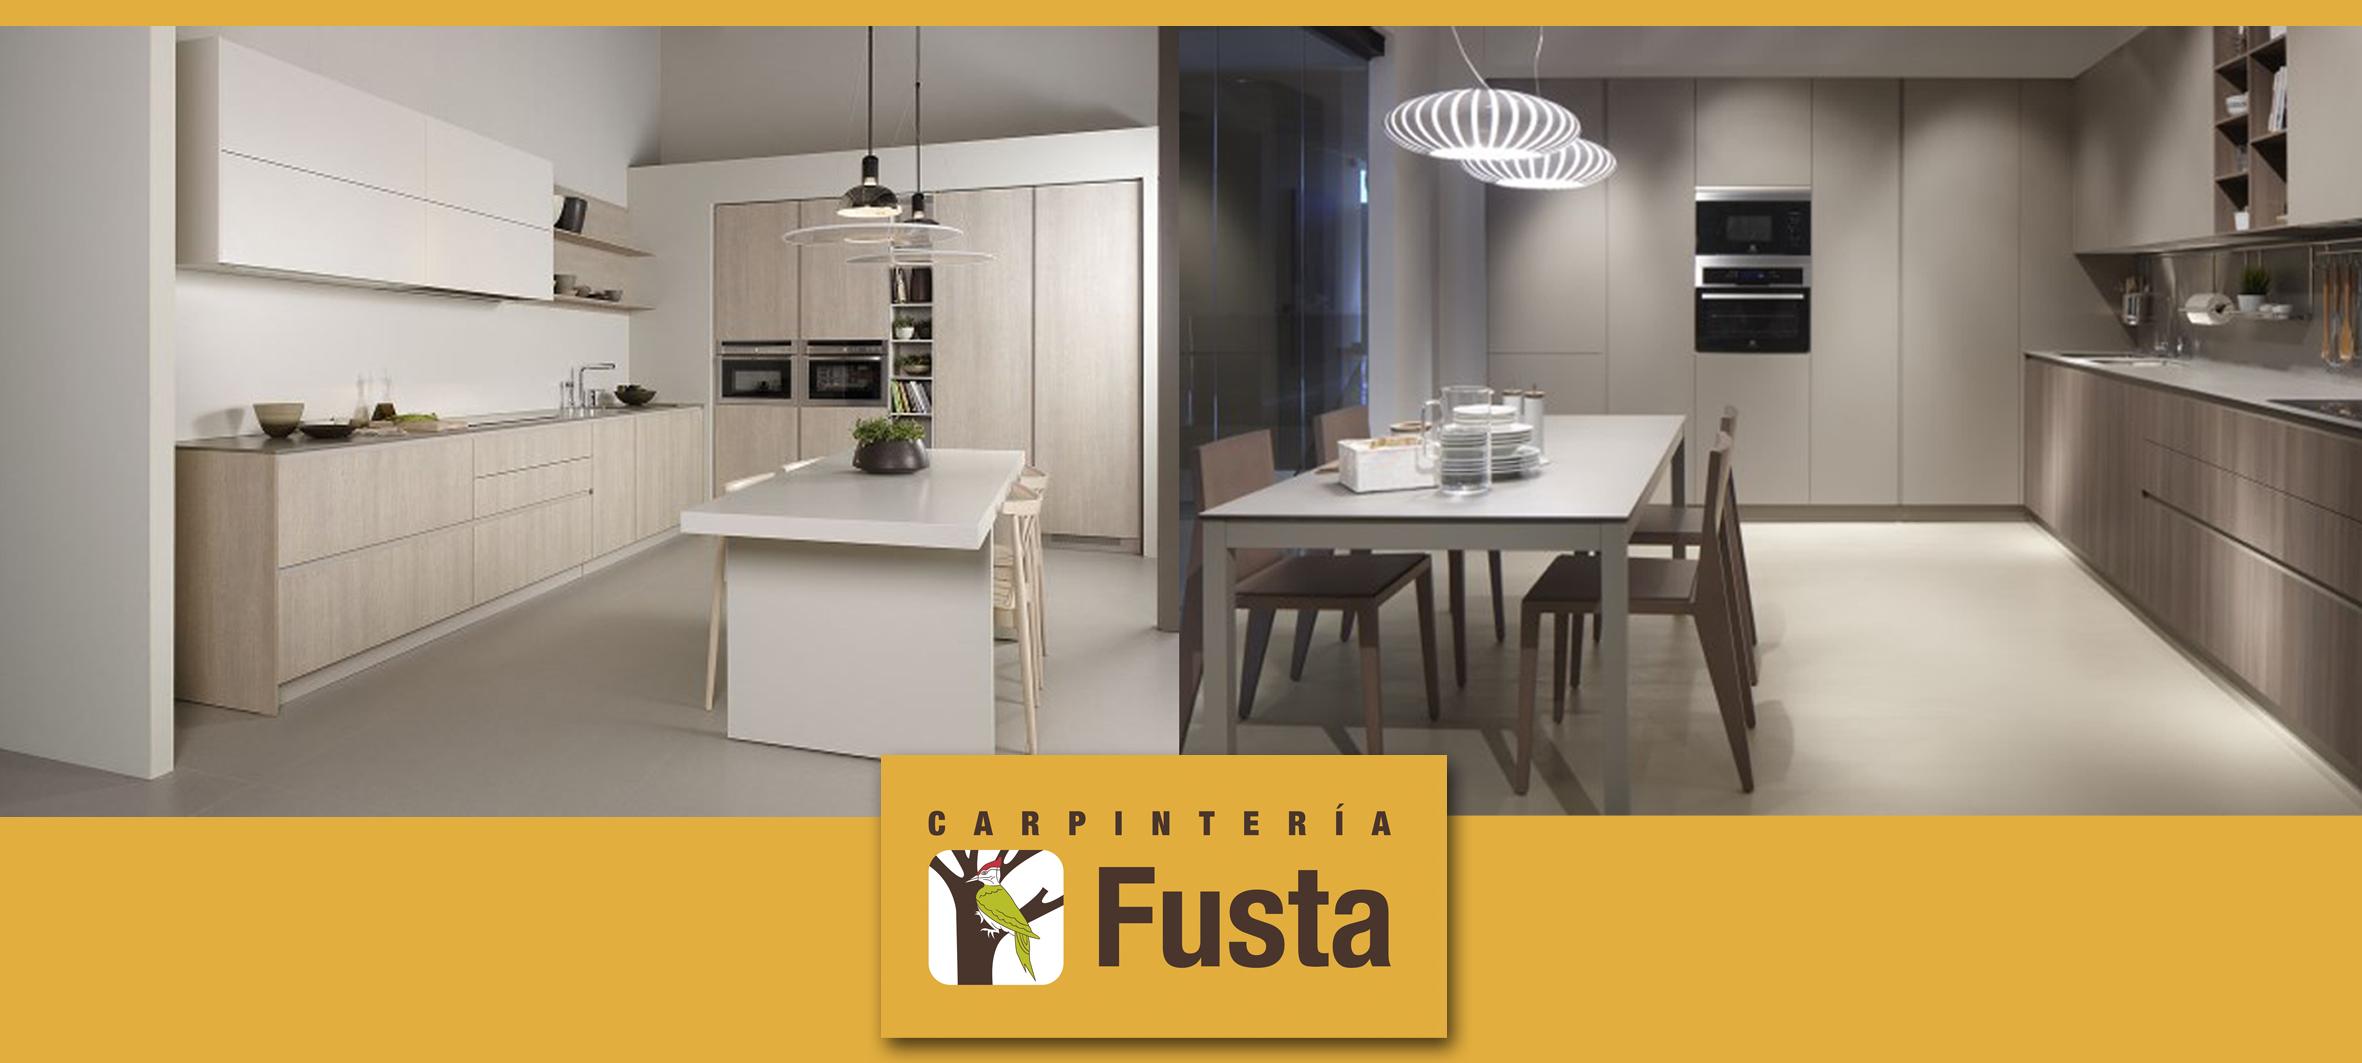 Muebles De Cocina Dica. Excellent Muebles De Cocina Dica Amara ...